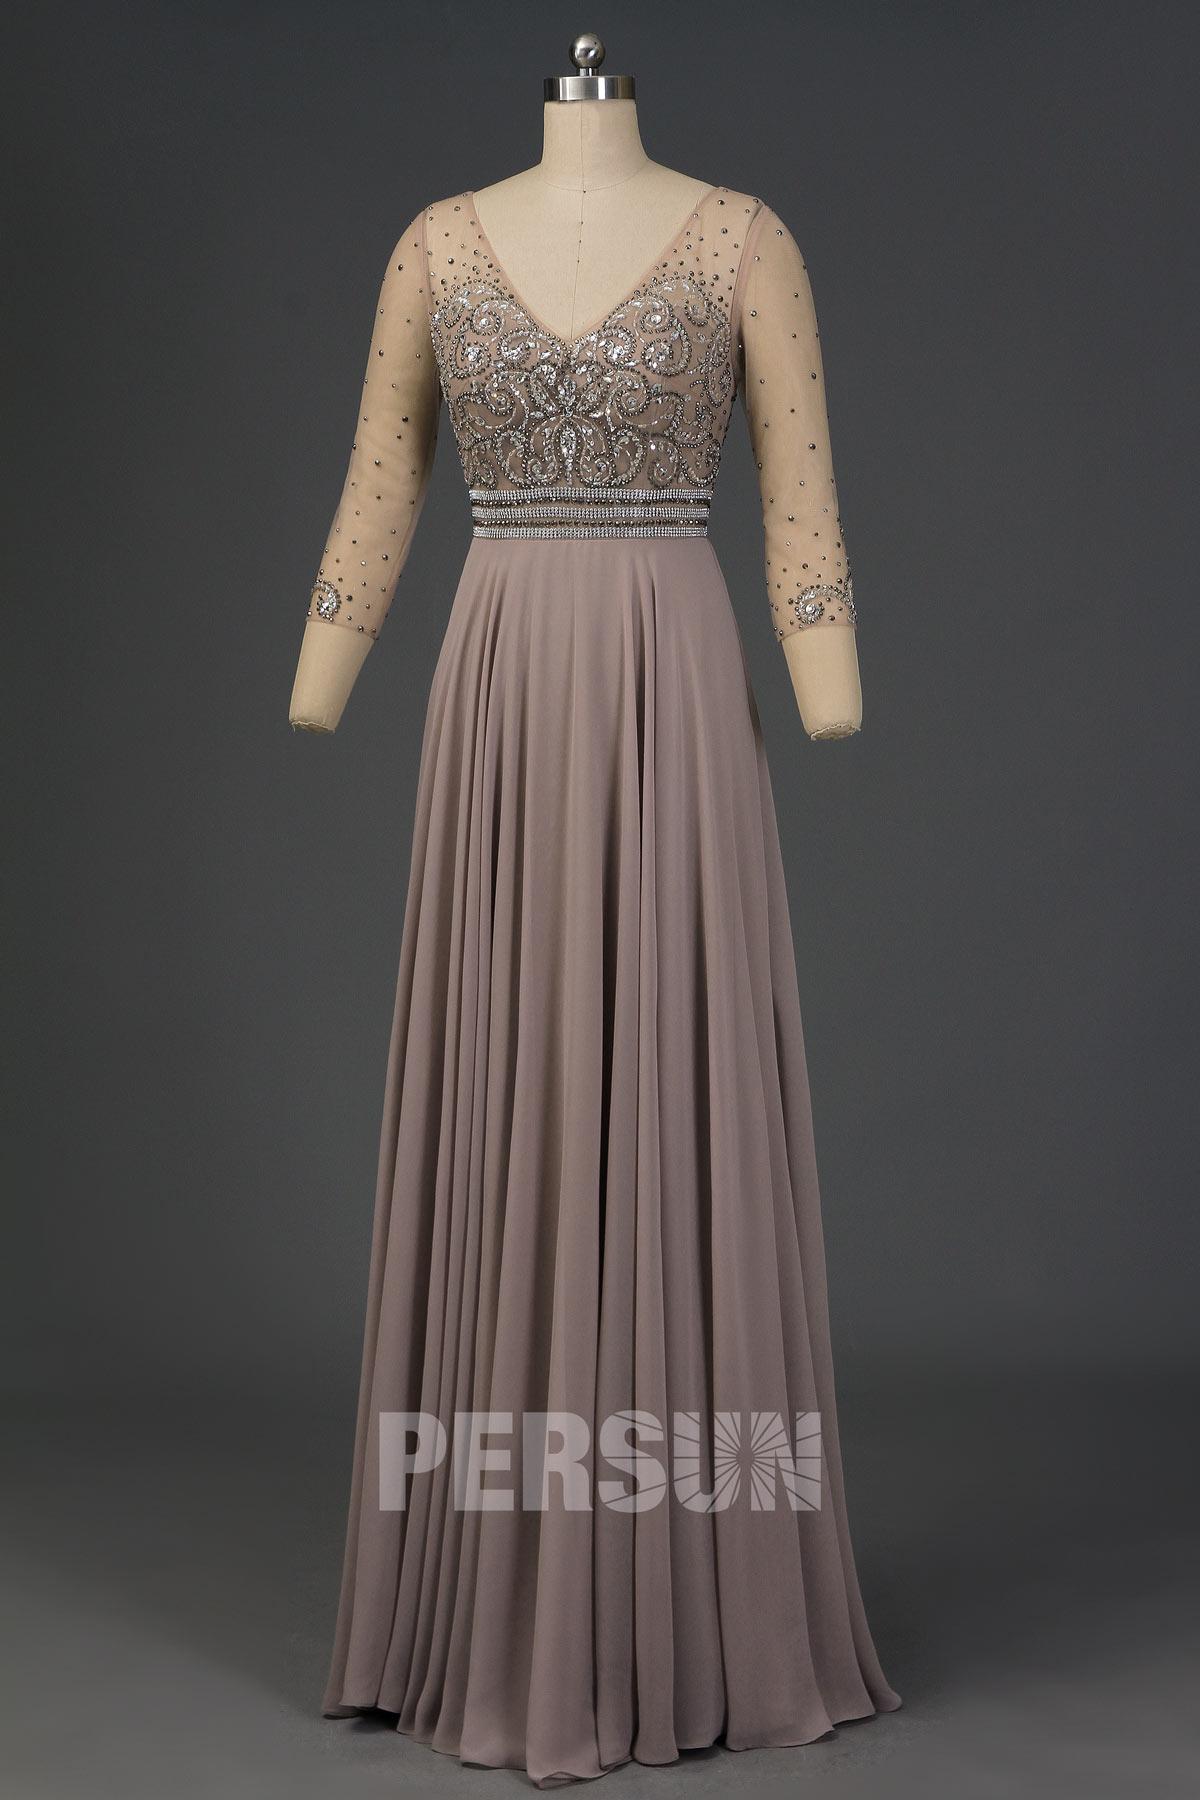 robe de soirée longue taupe grise haut ornée de bijoux col v à manche longue transparent